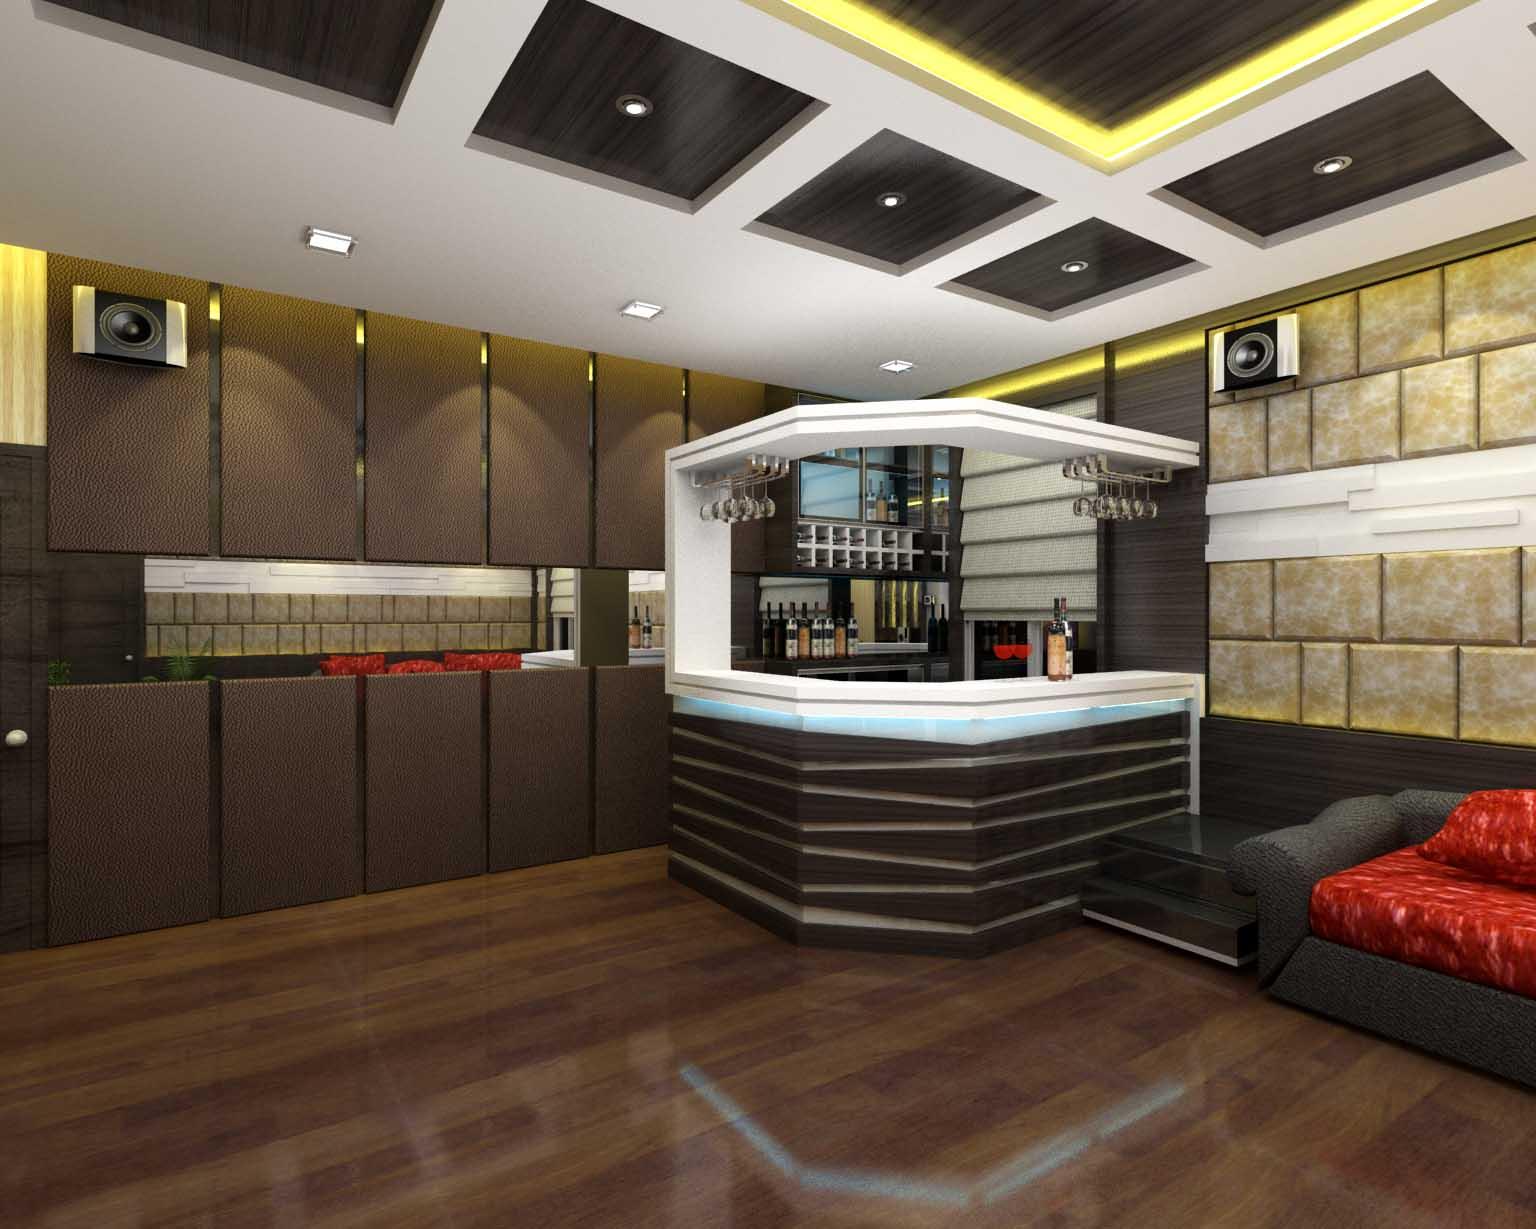 Design exterior and interior interior design for Interior exterior design